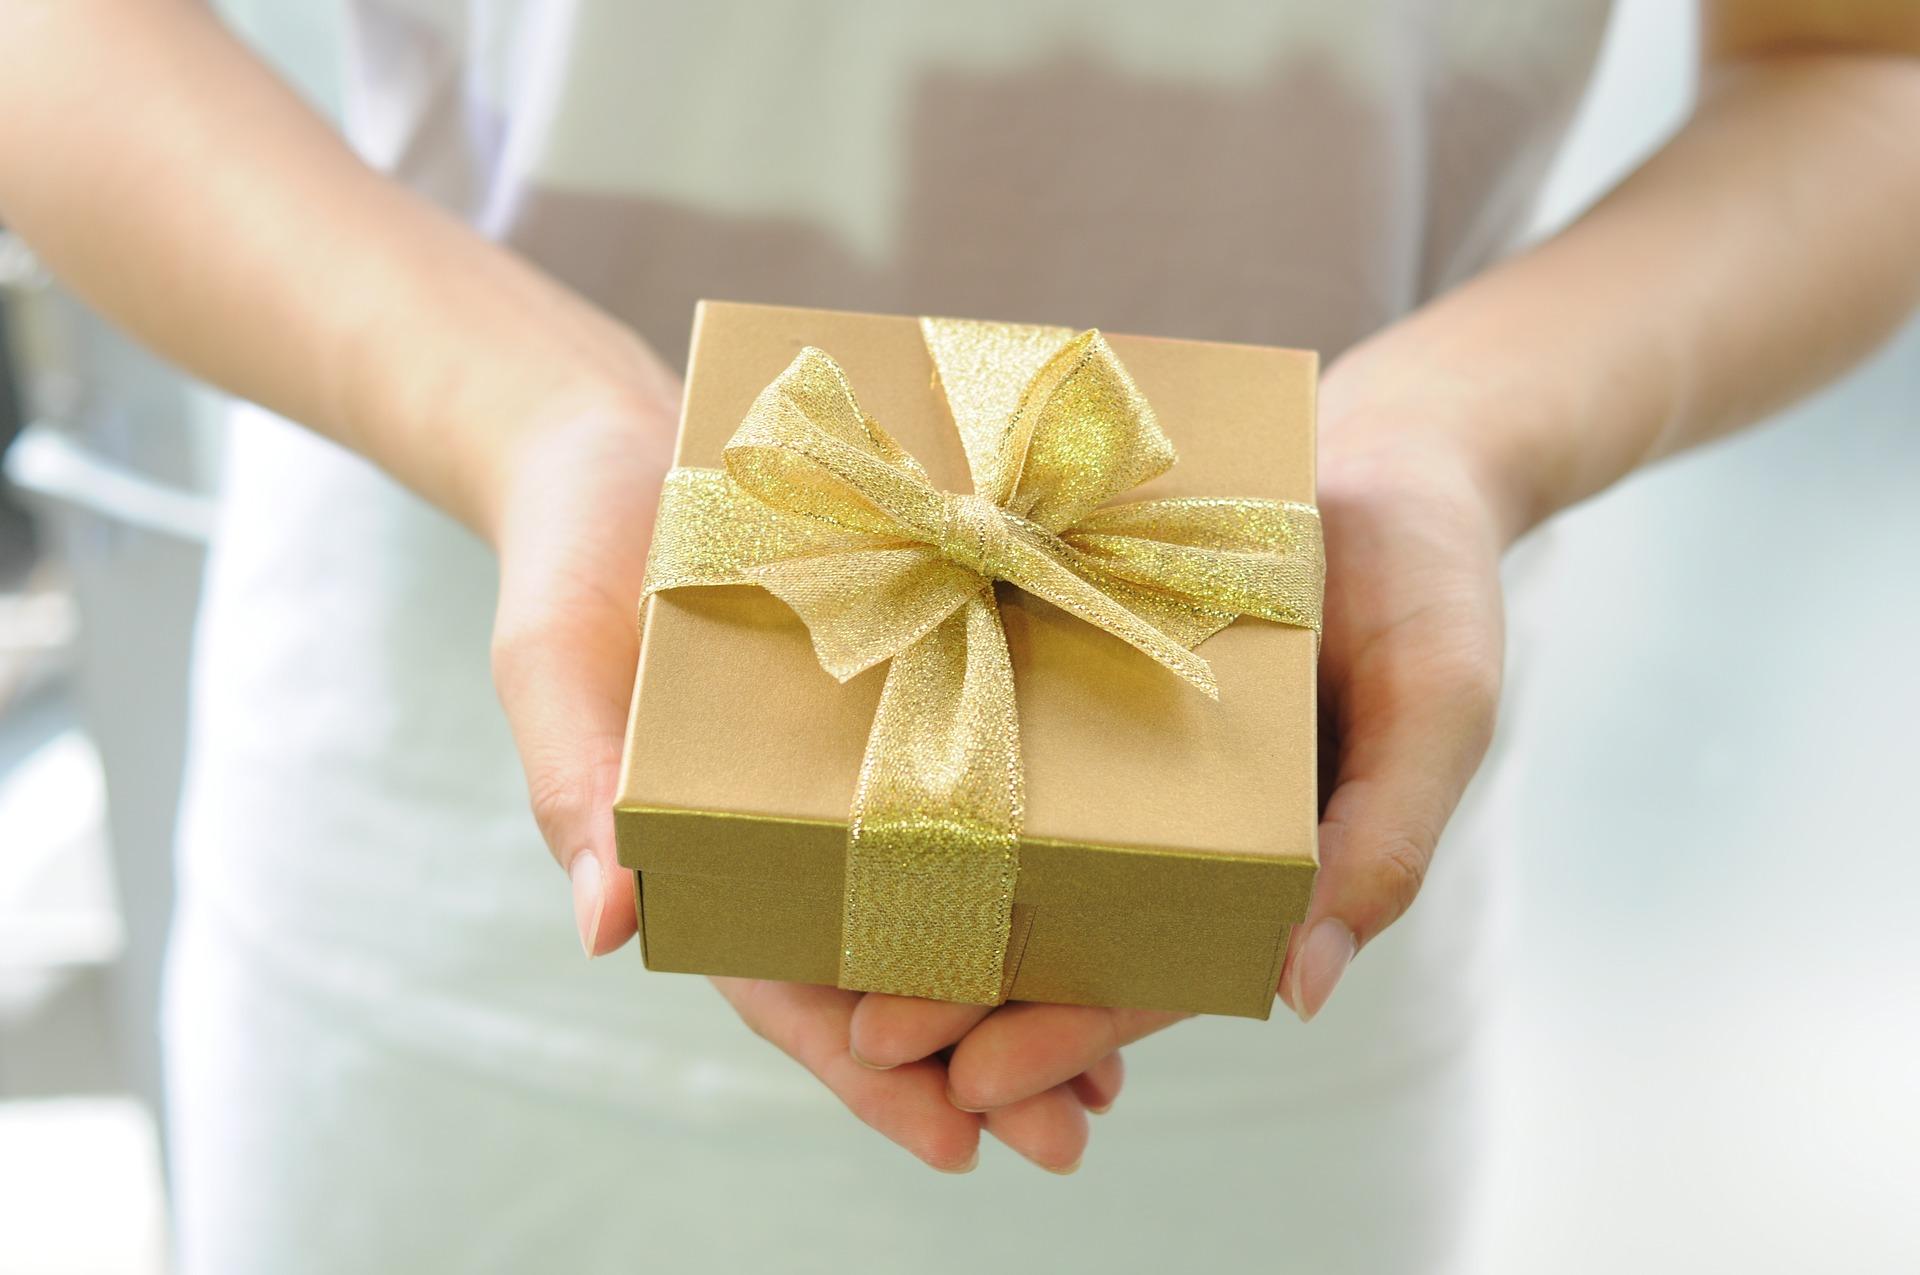 Dárek pro svědkyni – Tipy na poděkování svědkyni